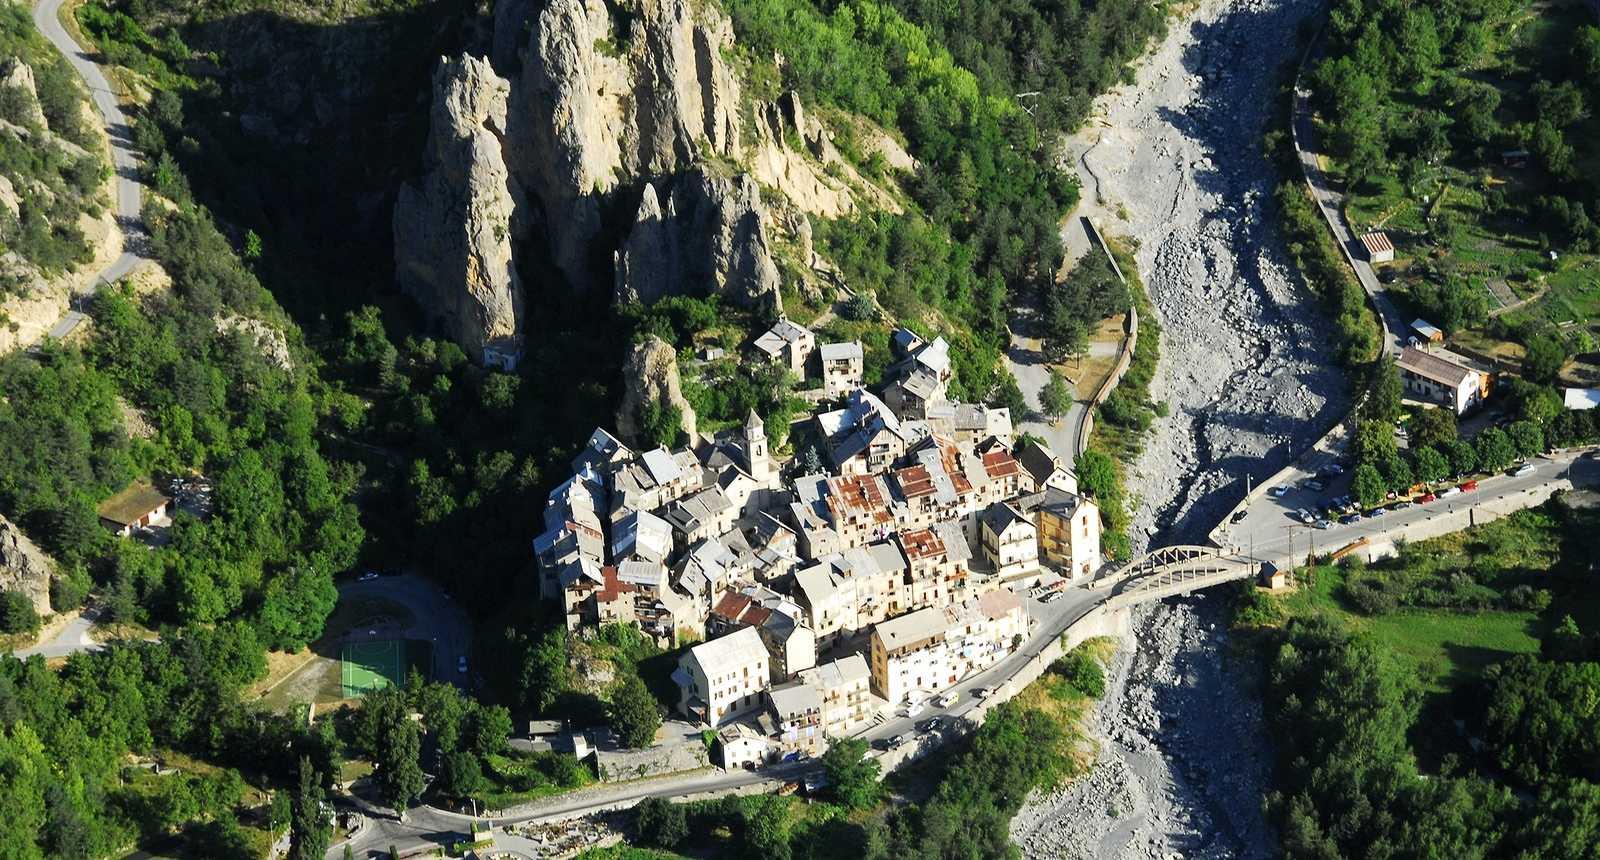 Lacs rivi res for ts panoramas grottes alpes - Les plus beau village du var ...